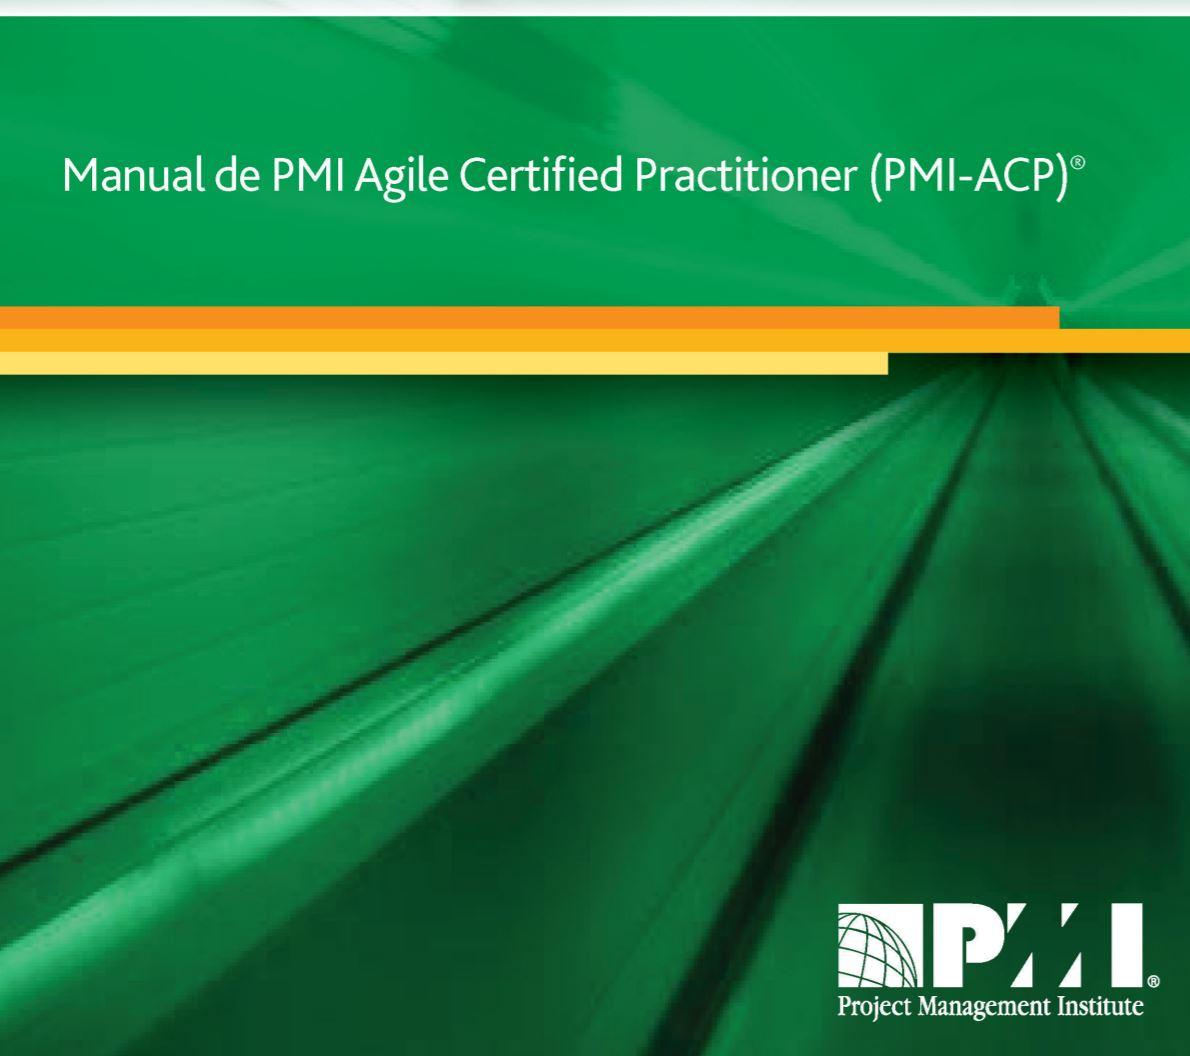 pmi-acp-manual.jpg